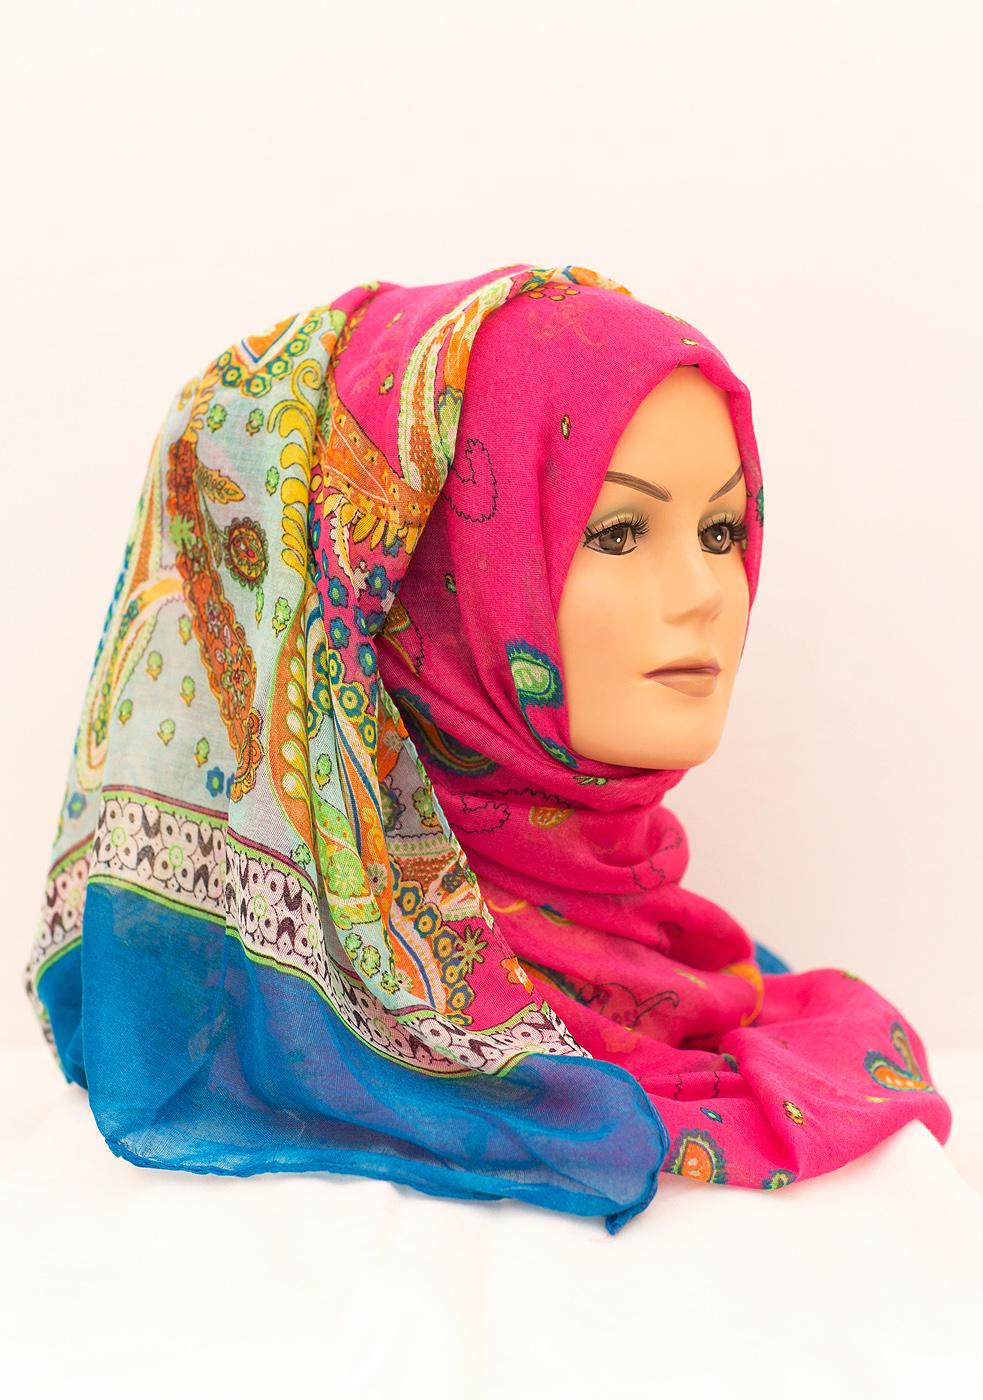 Hijab Fashion Veil Hijab Styles 390 X 480 69 Kb Jpeg